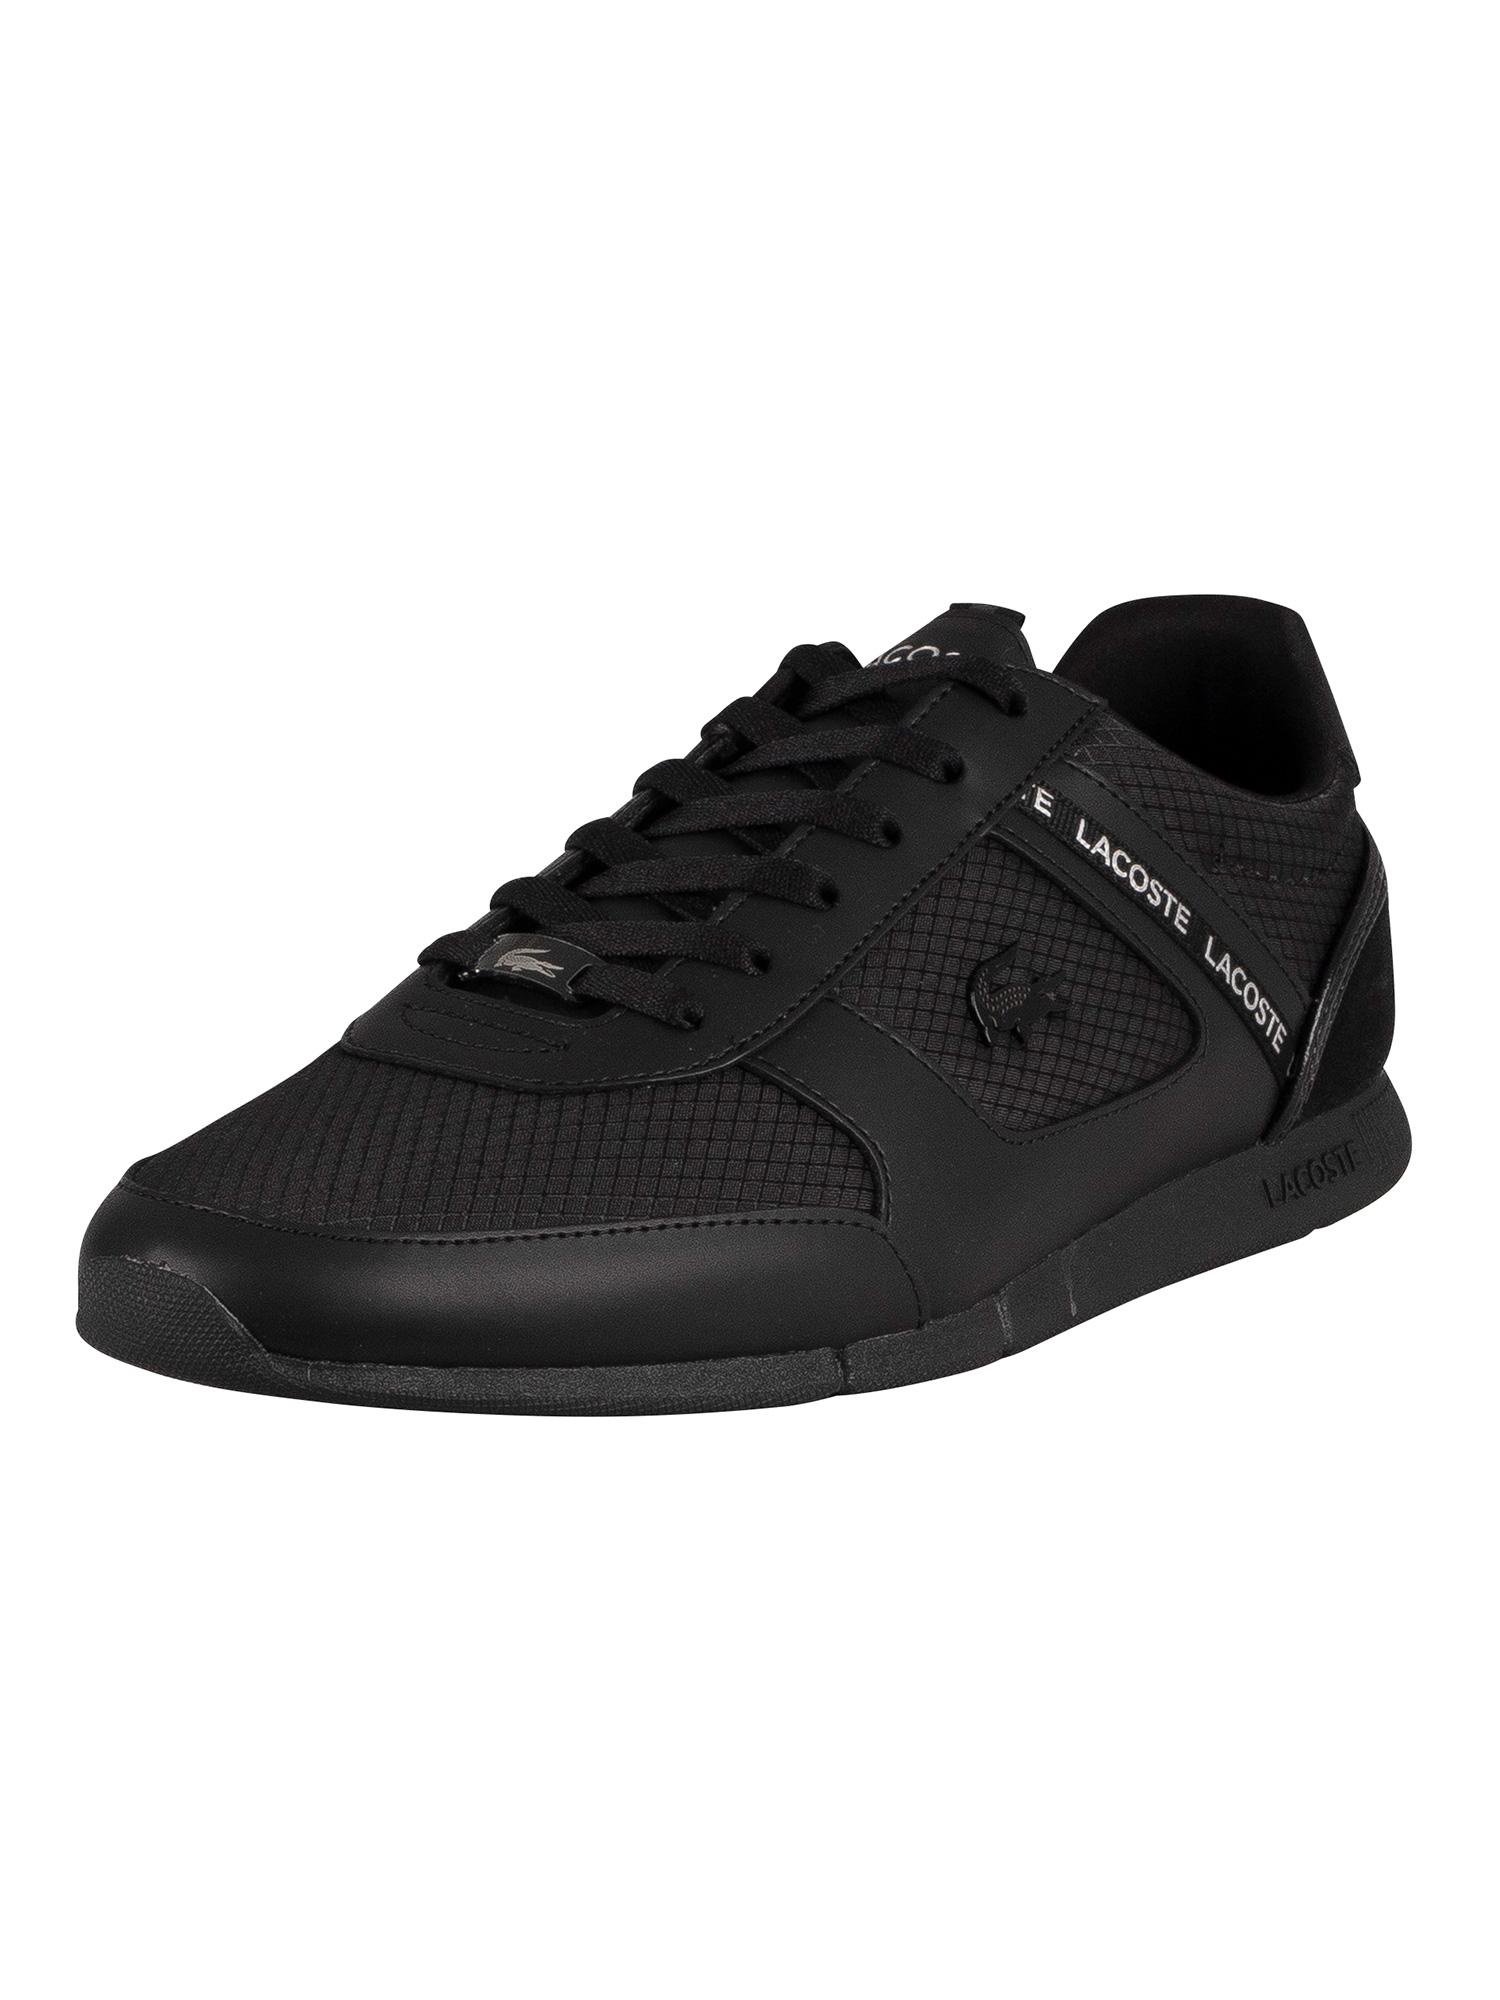 Menerva 0121 1 QSP CMA Leather Trainers